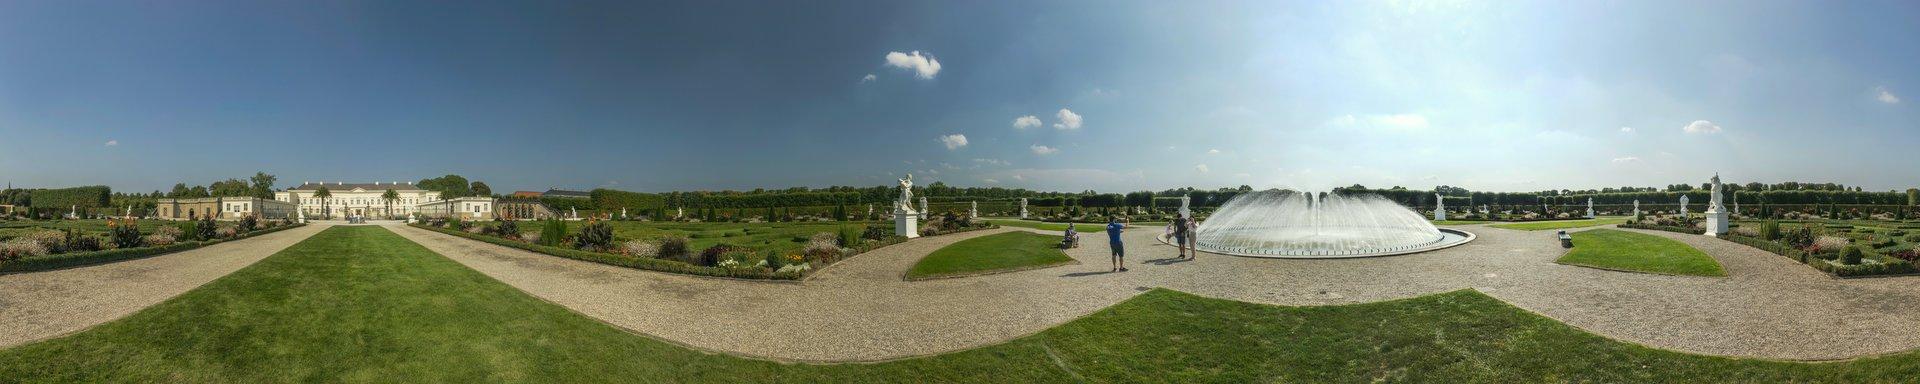 360° Panorama des Parterres zwischen Schloss und Glockenfontaine im Großen Garten